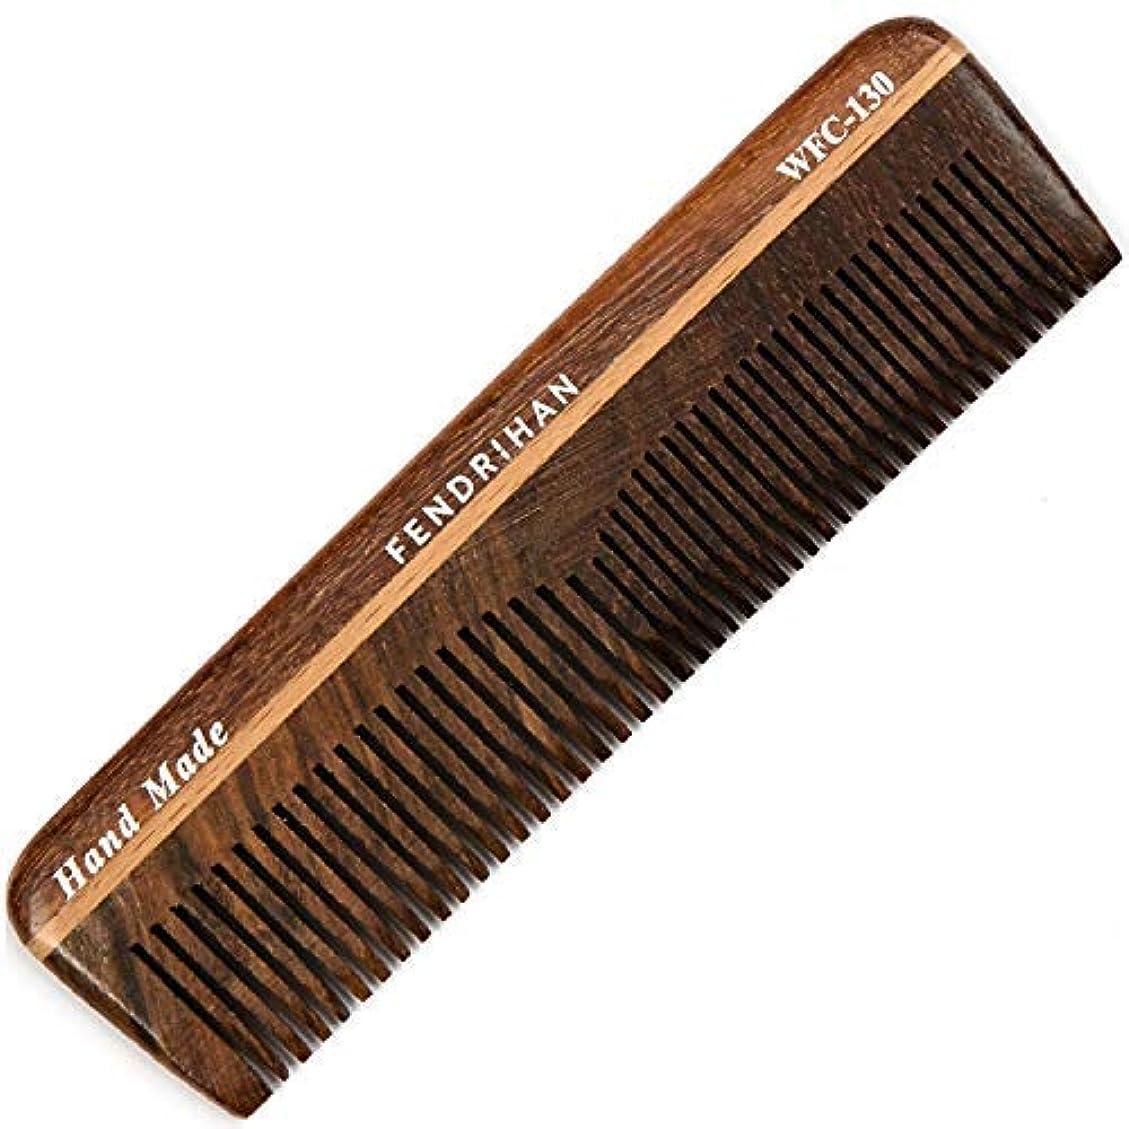 爆発領収書送信するFendrihan Wooden Double-Tooth Pocket Barber Grooming Comb (5.1 Inches) [並行輸入品]